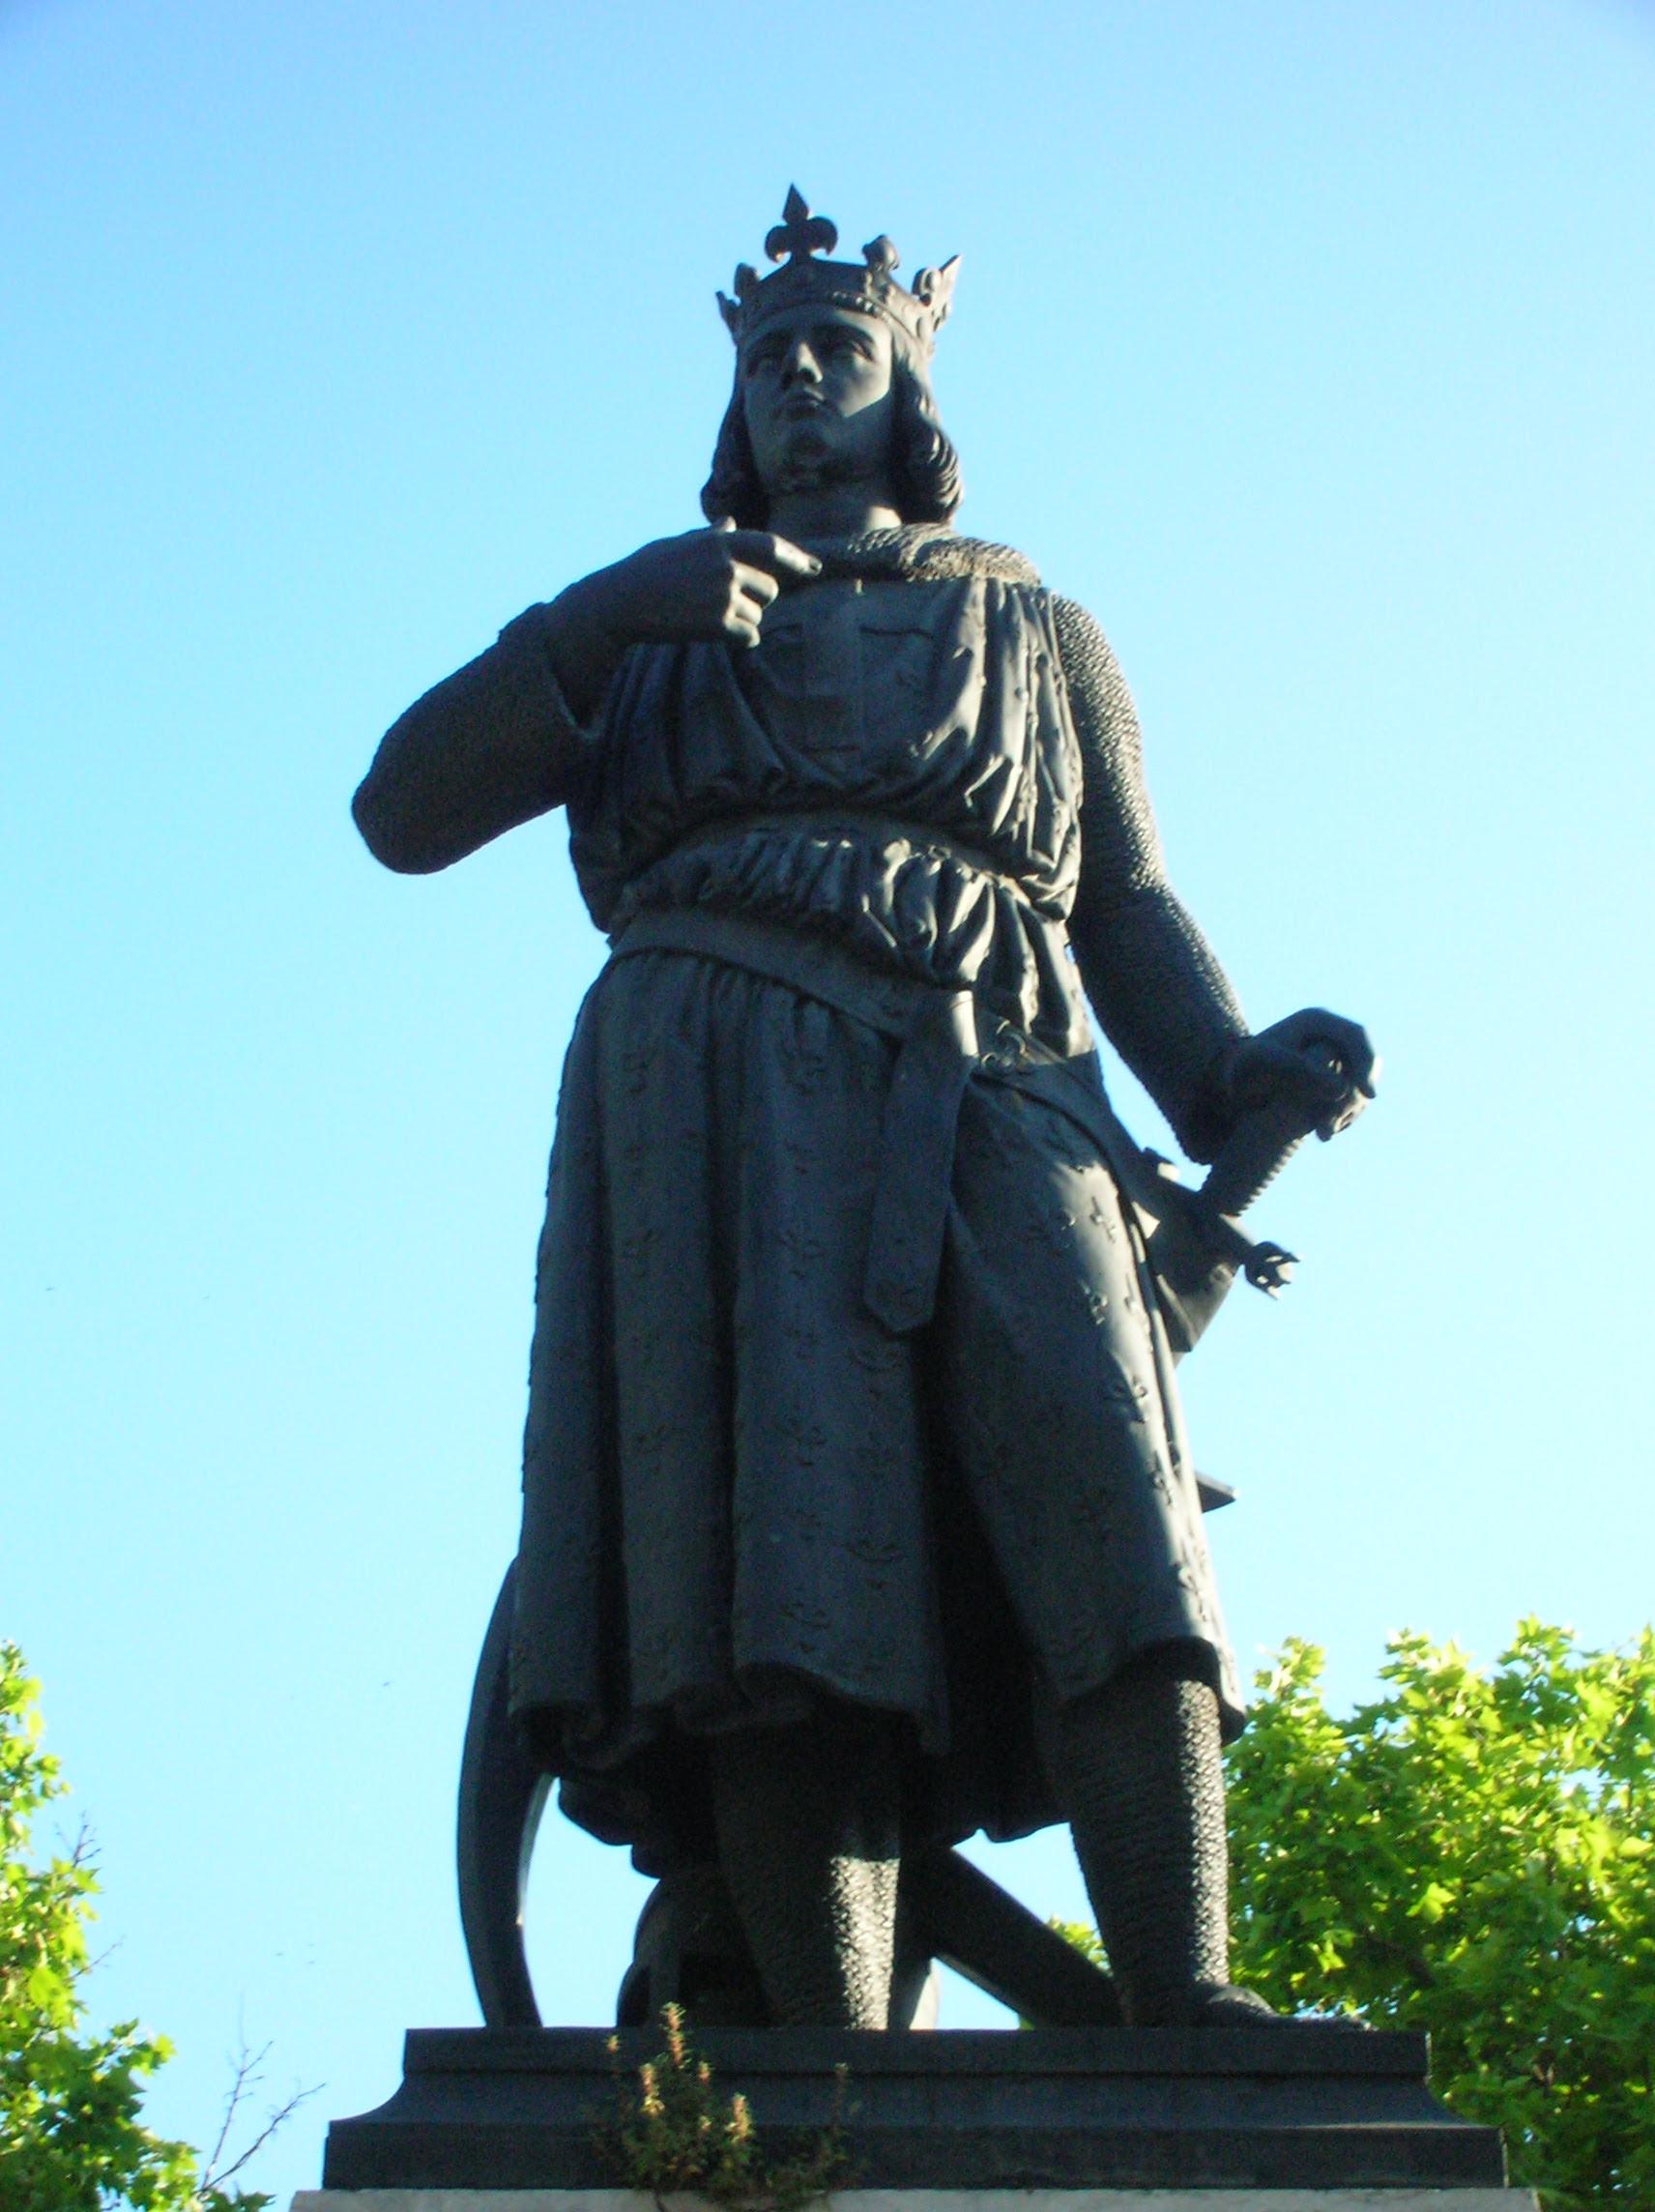 Statue of Louis IX de France (Saint Louis), scultped by James Pradier, in Aigues-Mortes